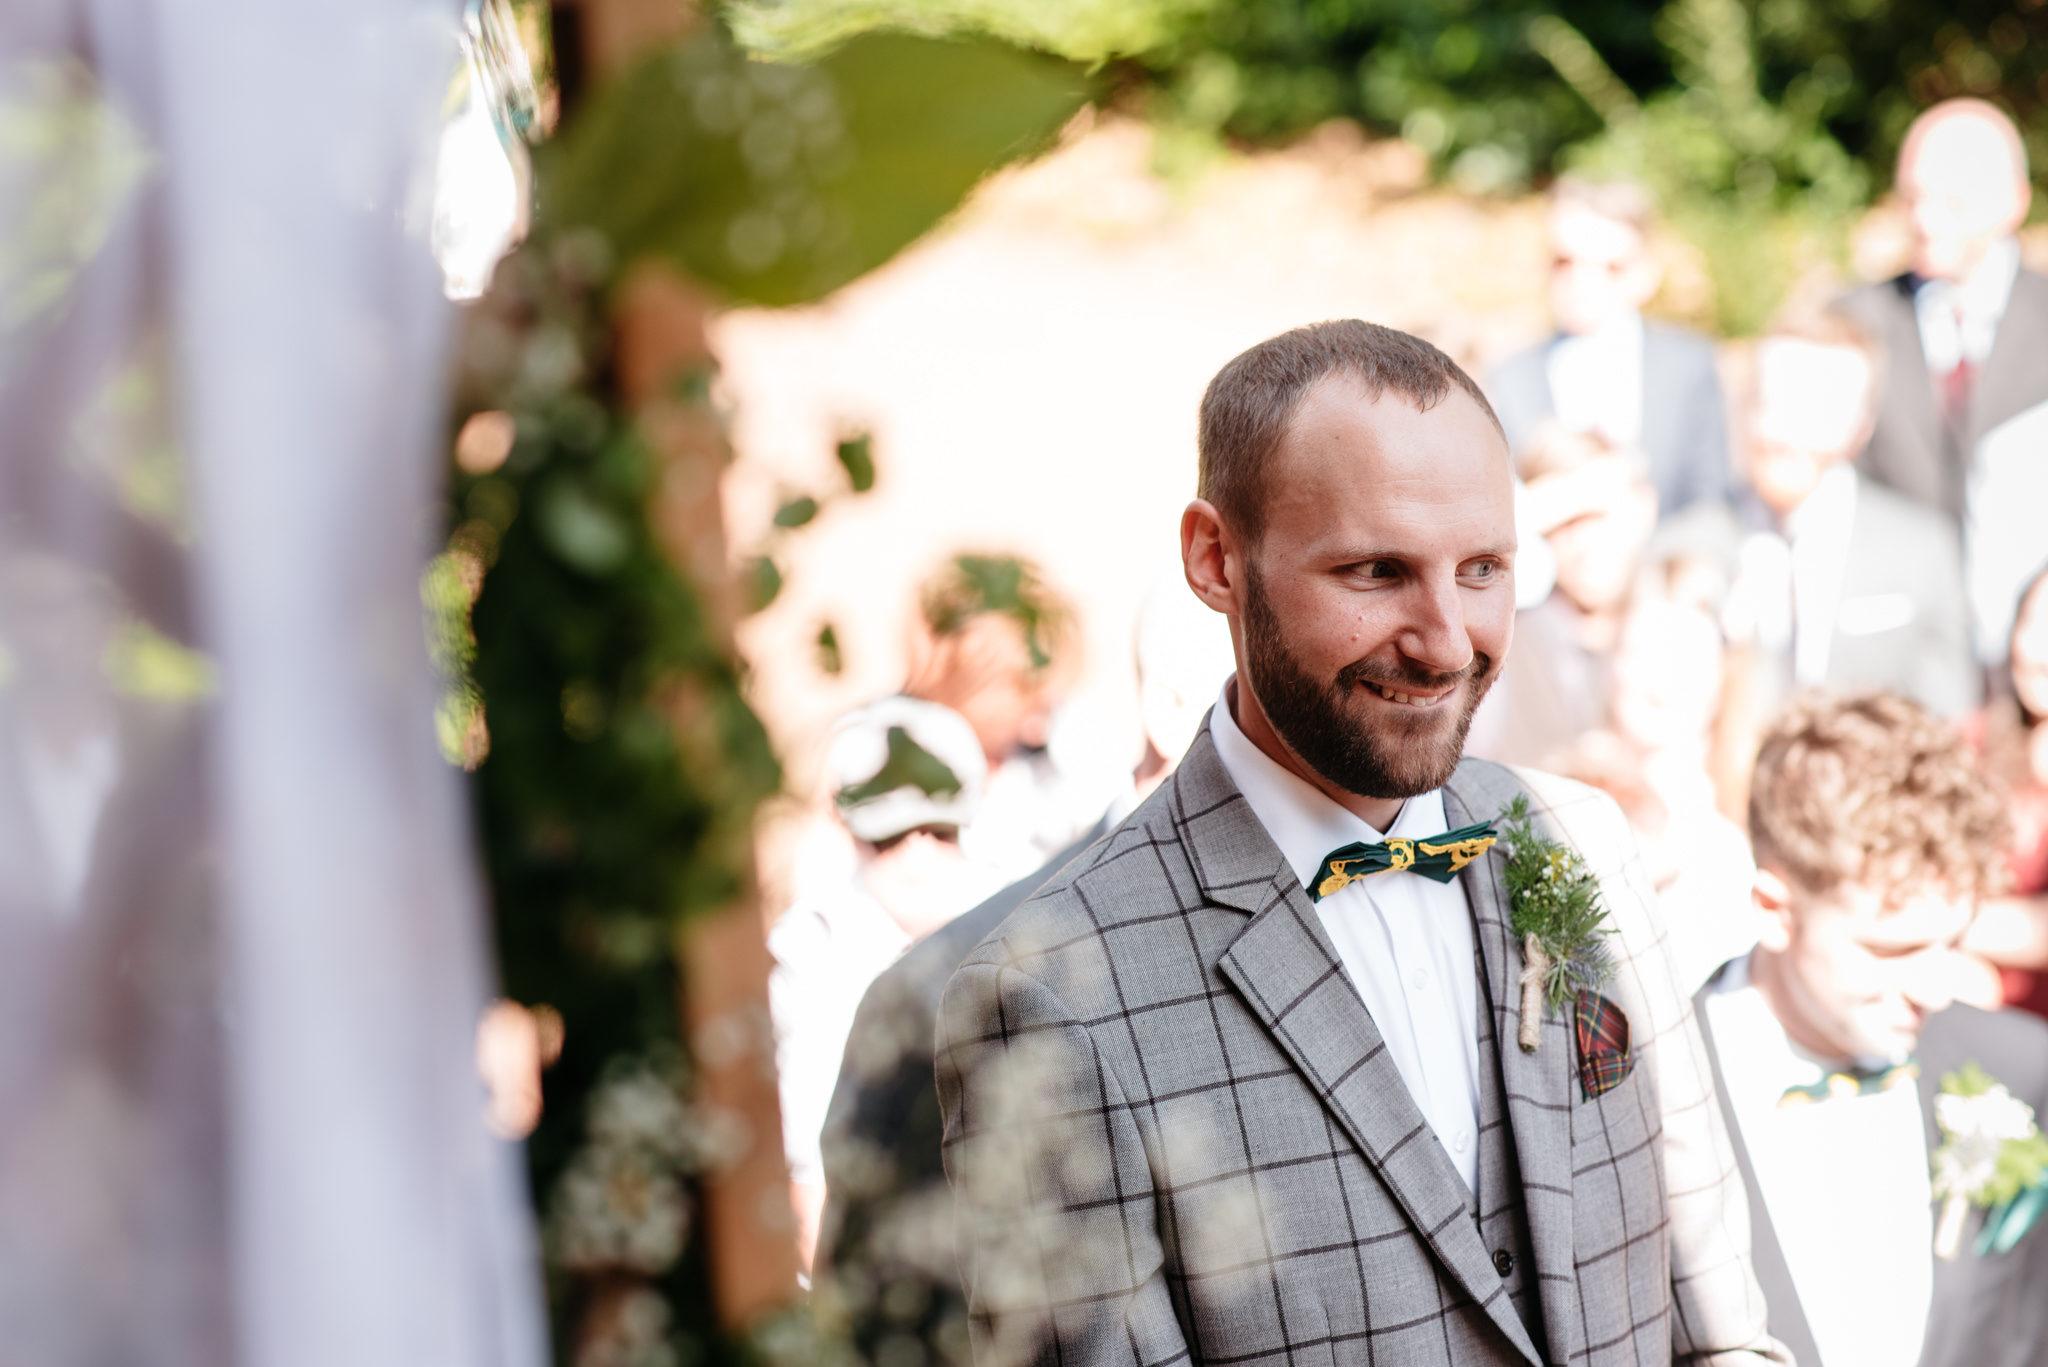 groom wearing vintage inspired suit